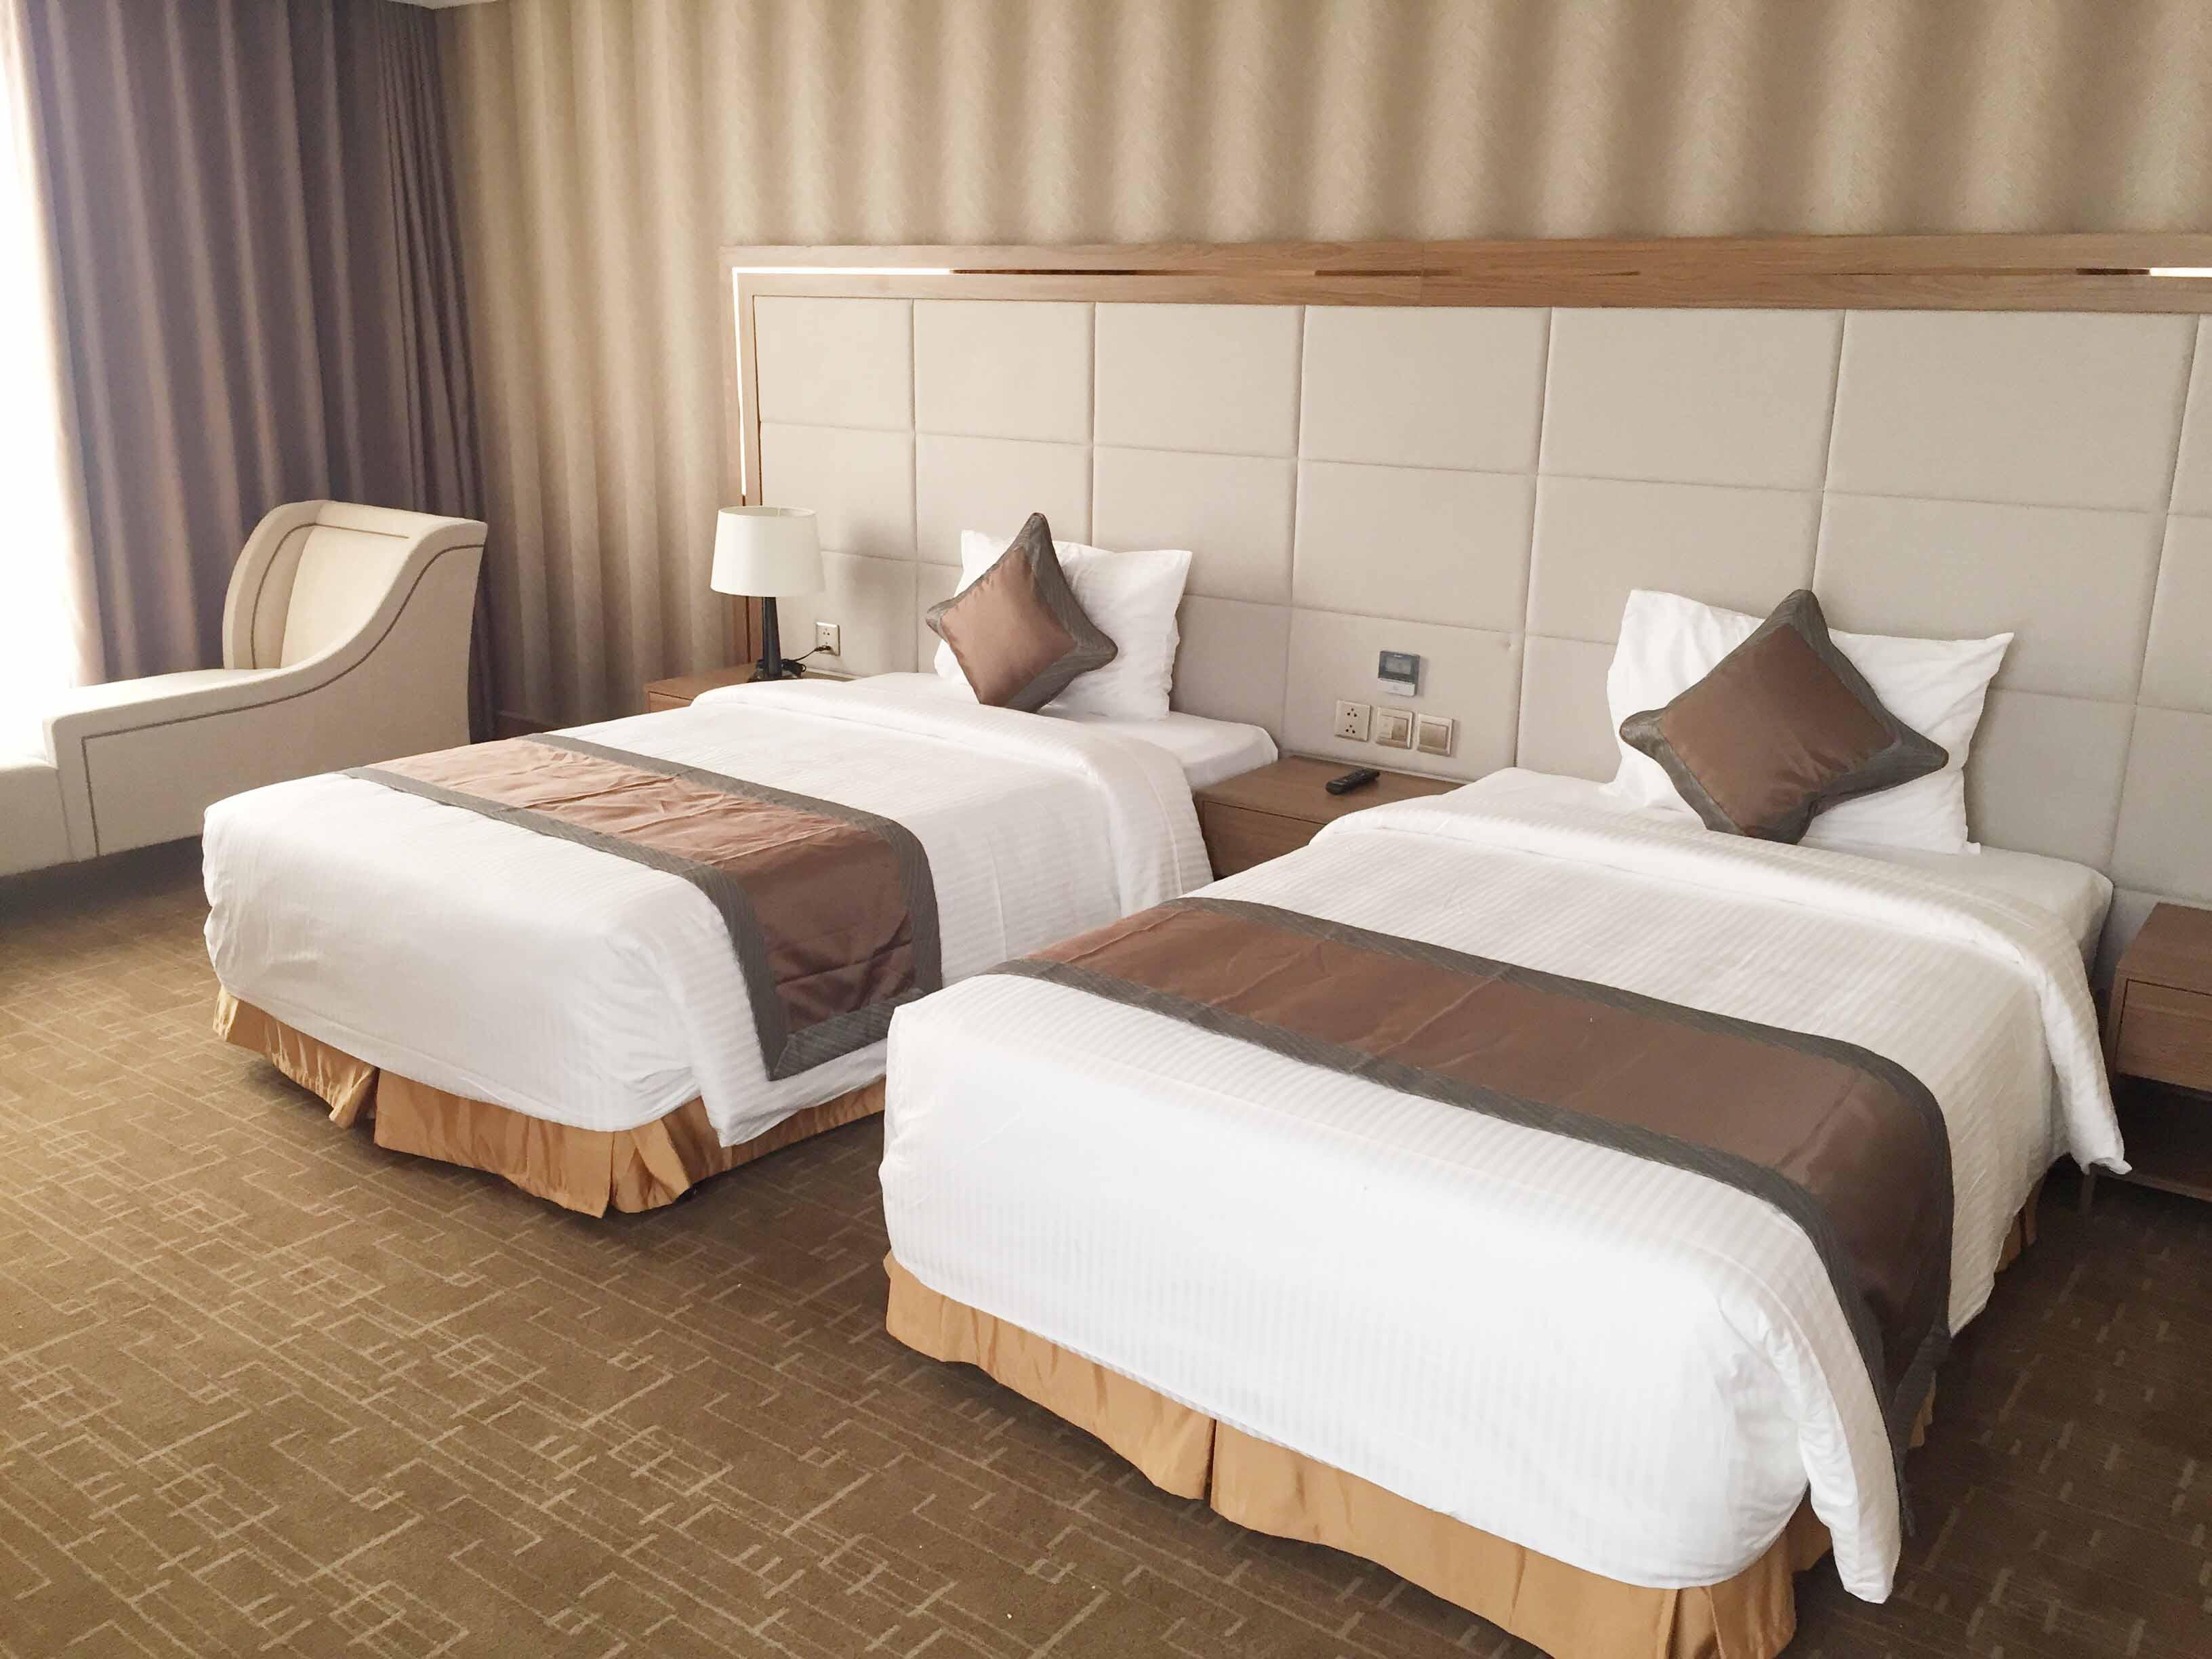 Nội thất phòng khách sạn Luxury Mường Thanh Phú Thọ do Công ty Cổ phần Siêu Chung Kỳ thi công.